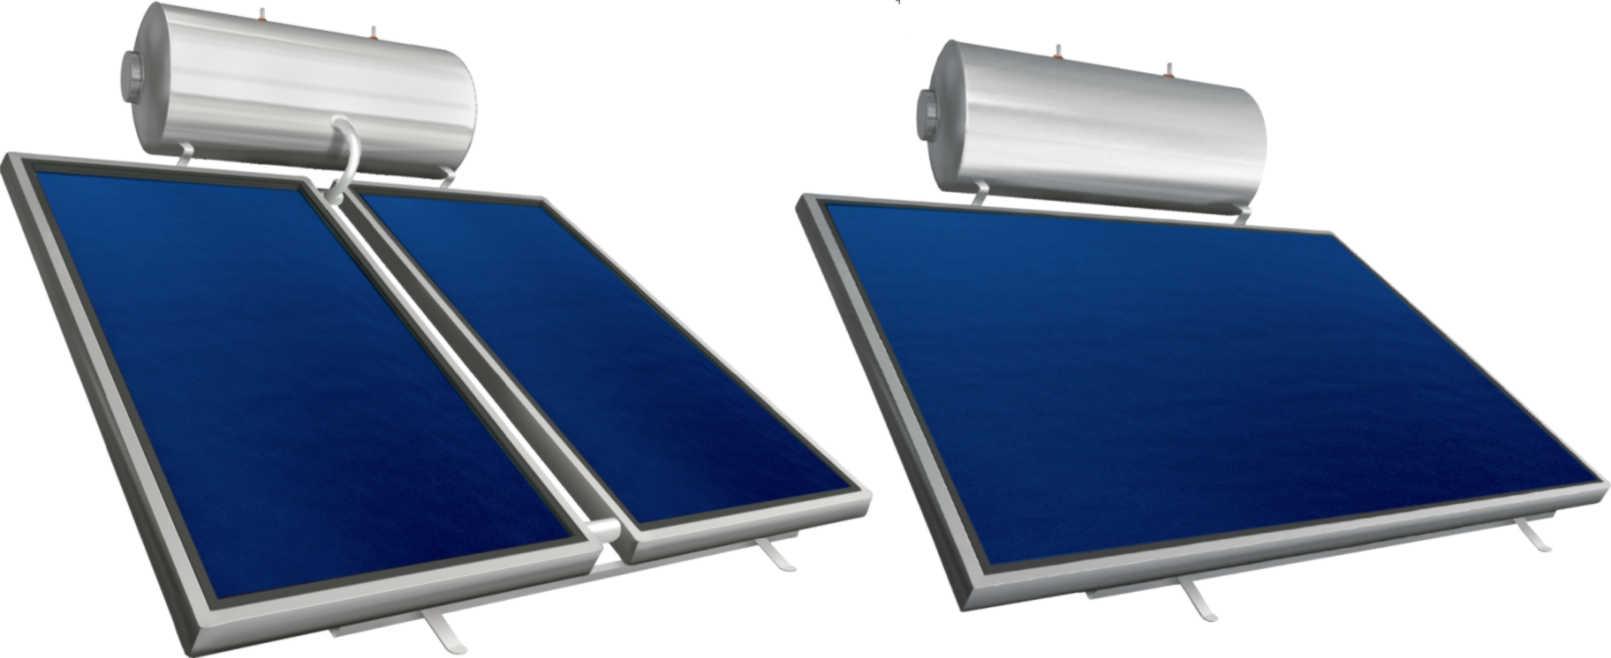 επισκευη-ηλιακοι-θερμοσιφωνες